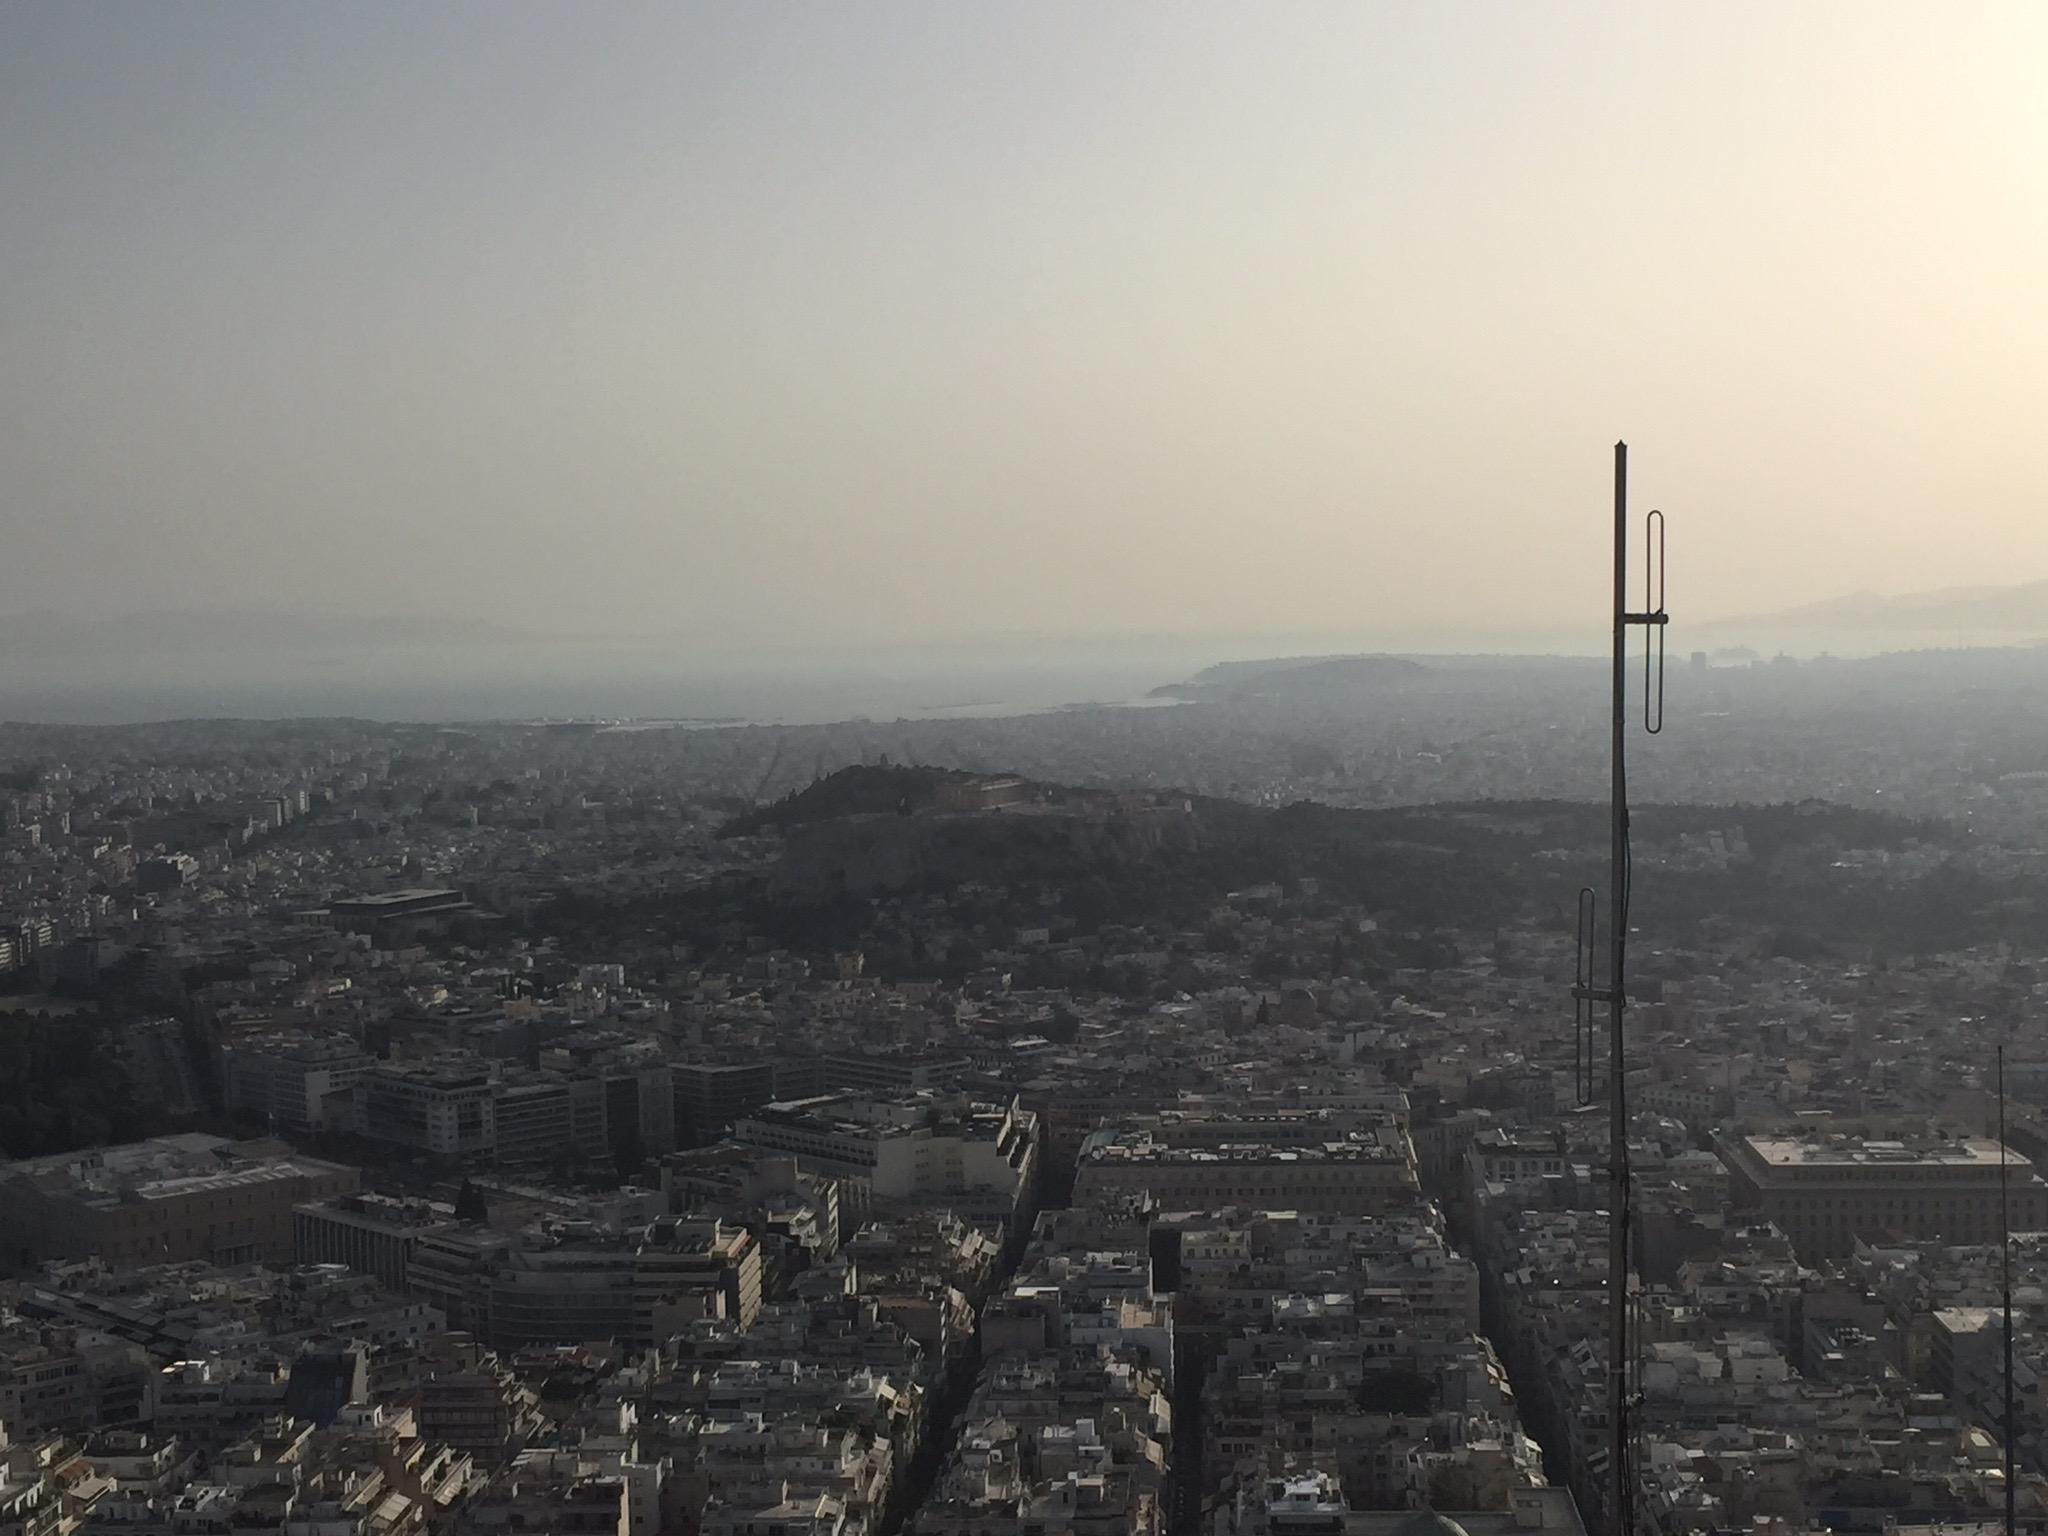 アテネ、リュカヴィトスの丘からの眺め